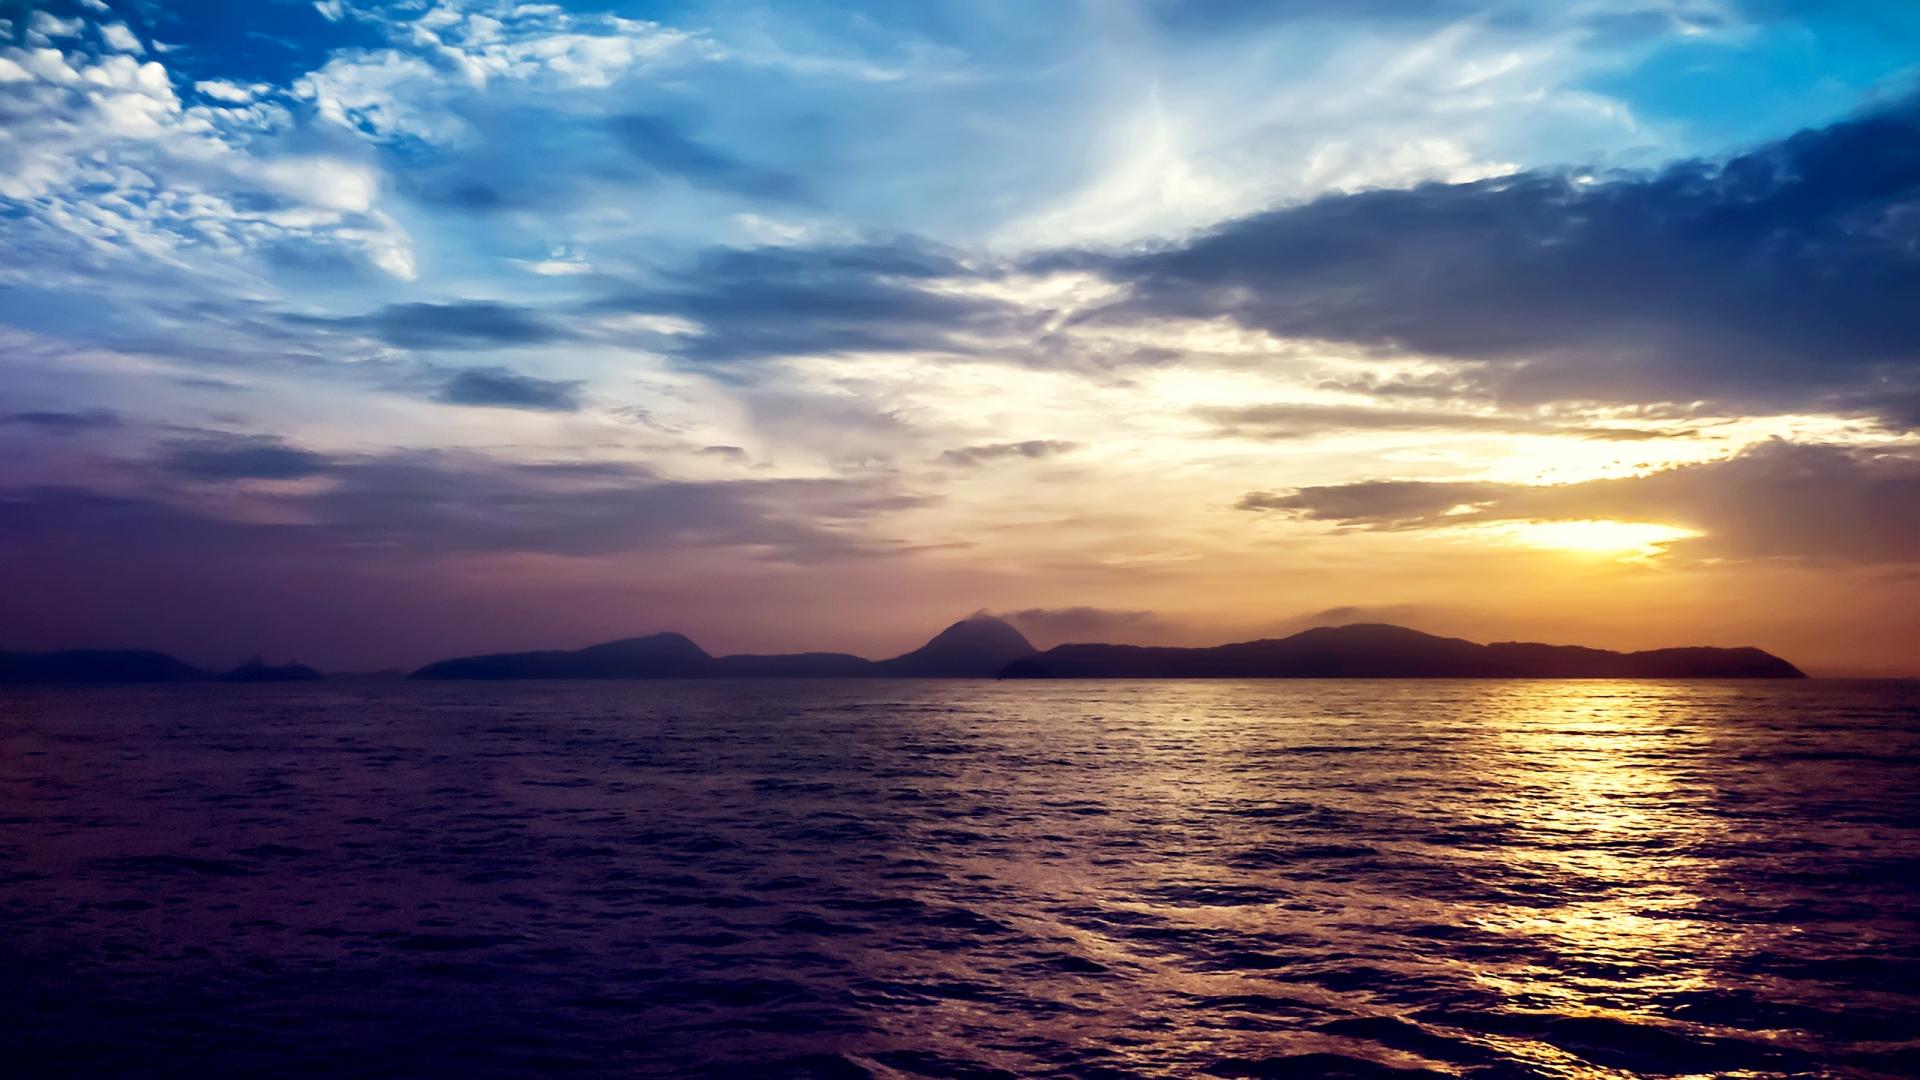 Widescreen Sea Wallpaper